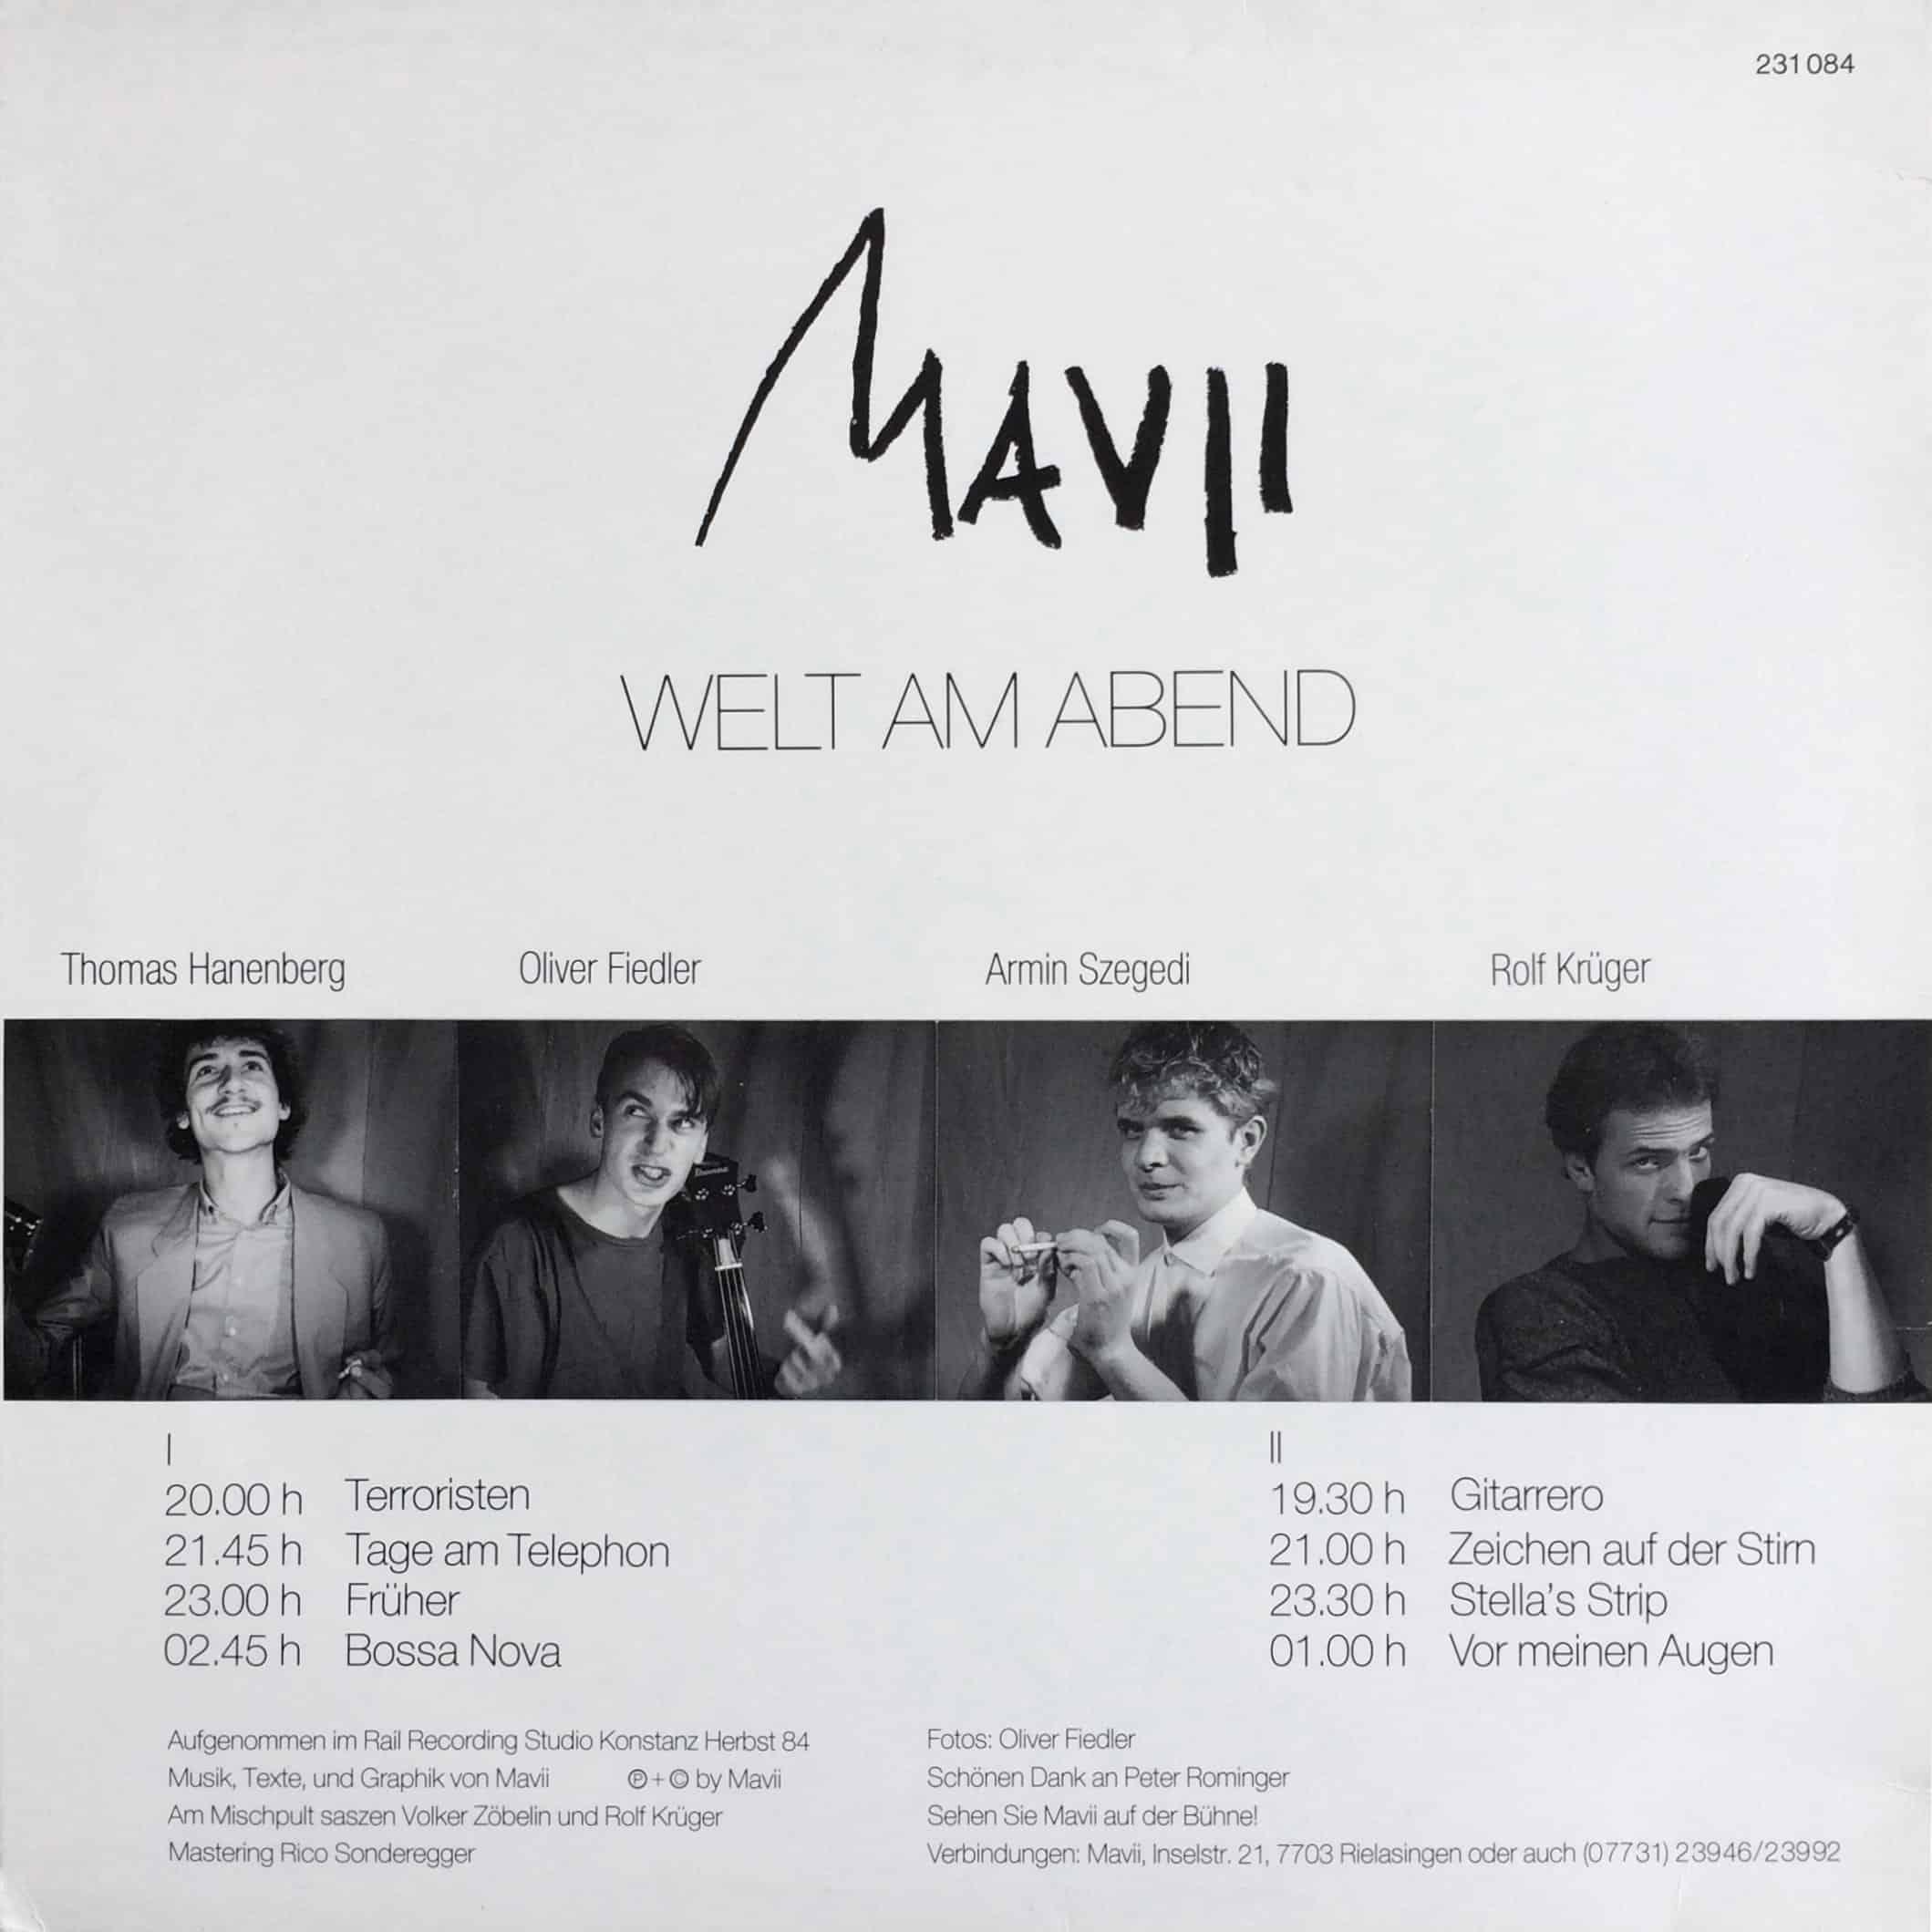 Mavii – Welt Am Abend – 231084, Switzerland, 1984